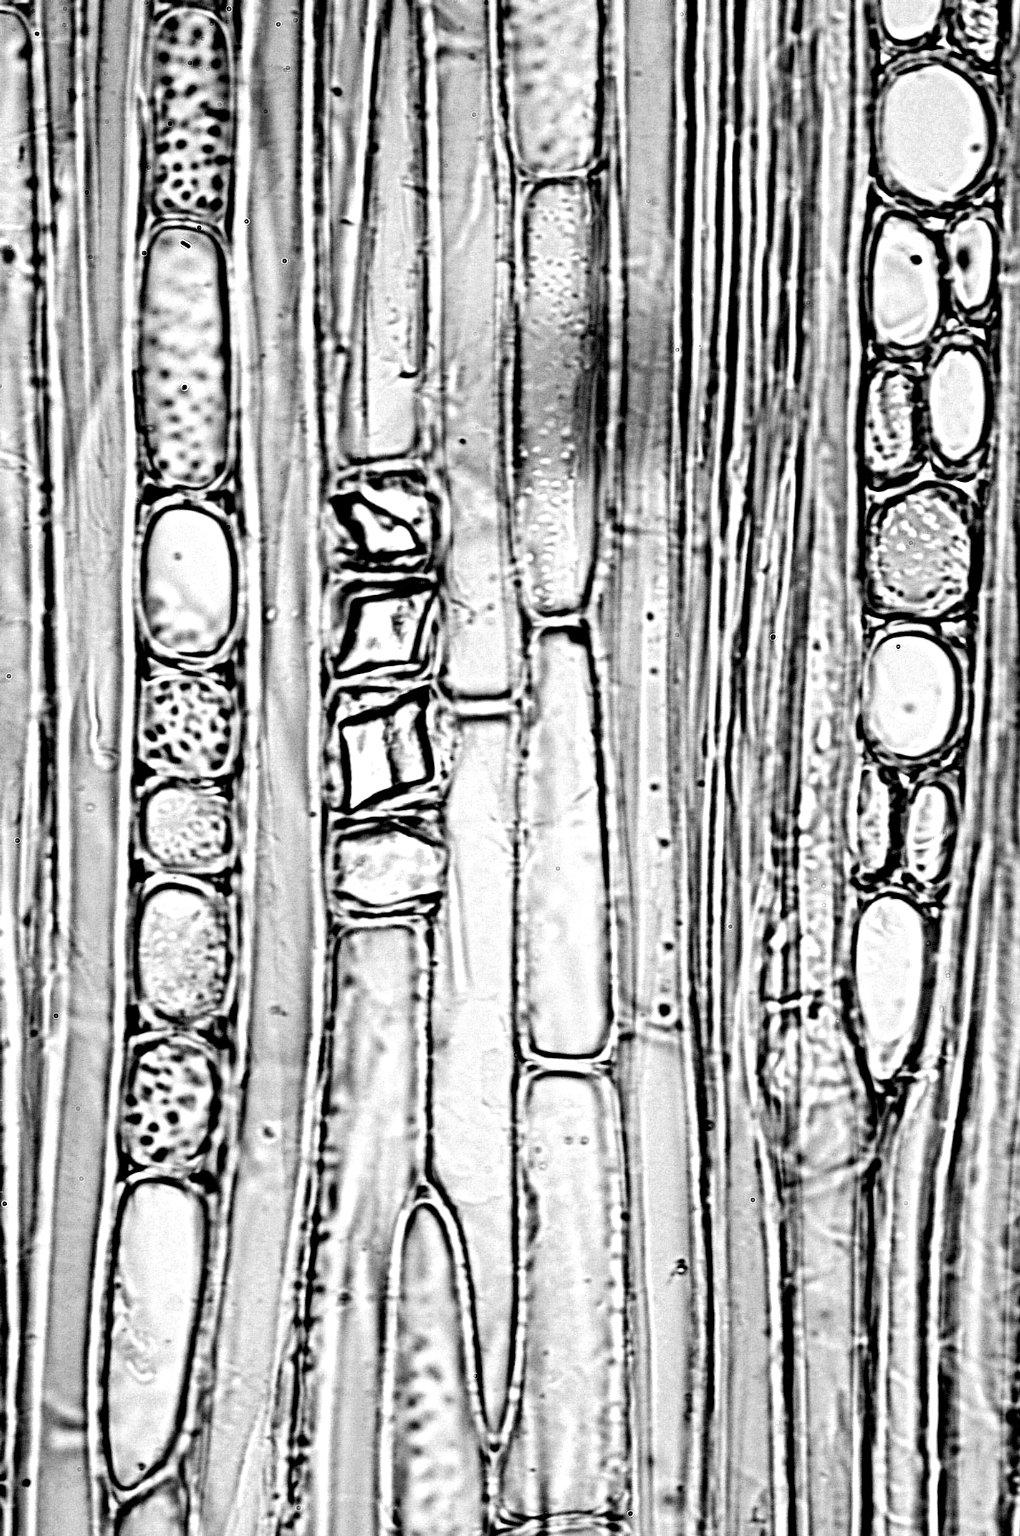 EBENACEAE Diospyros longiflora